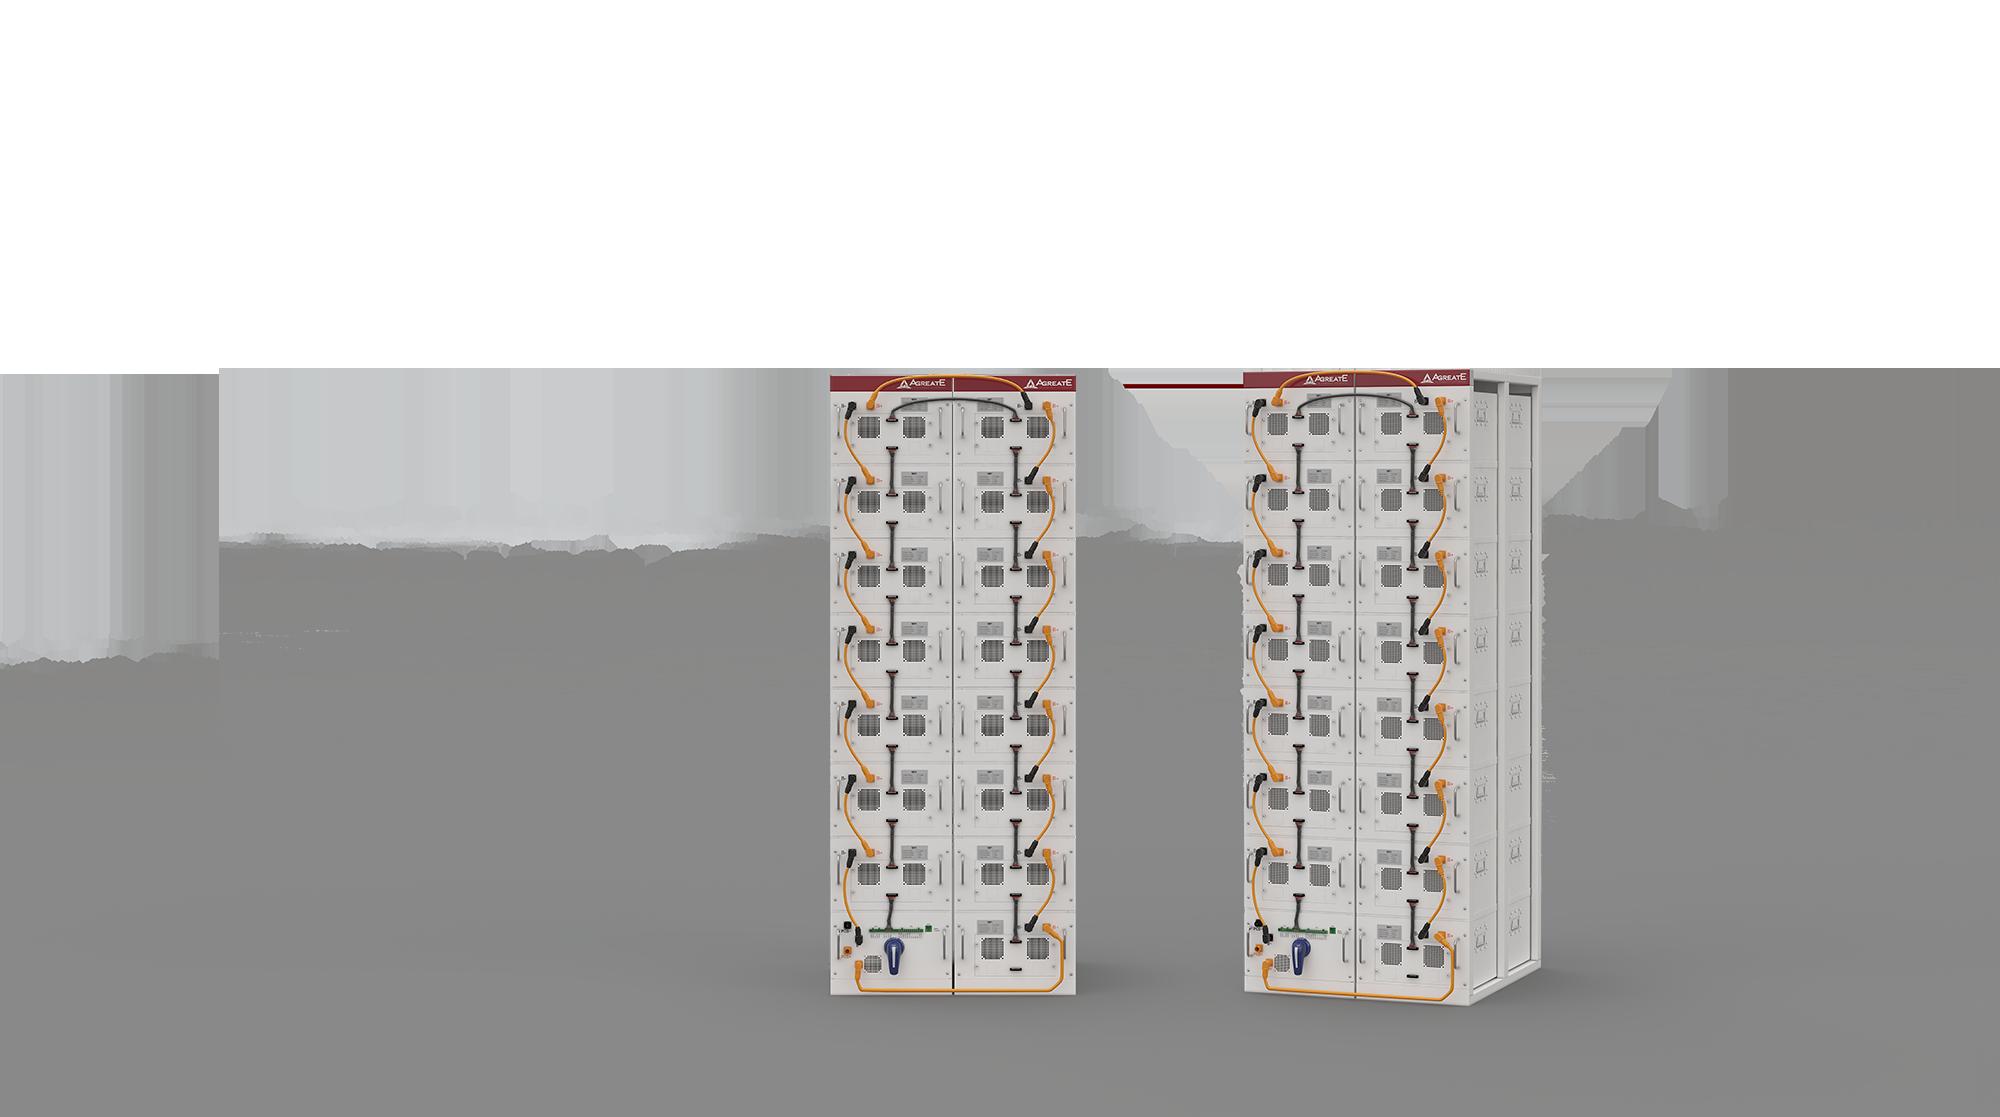 ATEN-Rack-Banner-Update-2